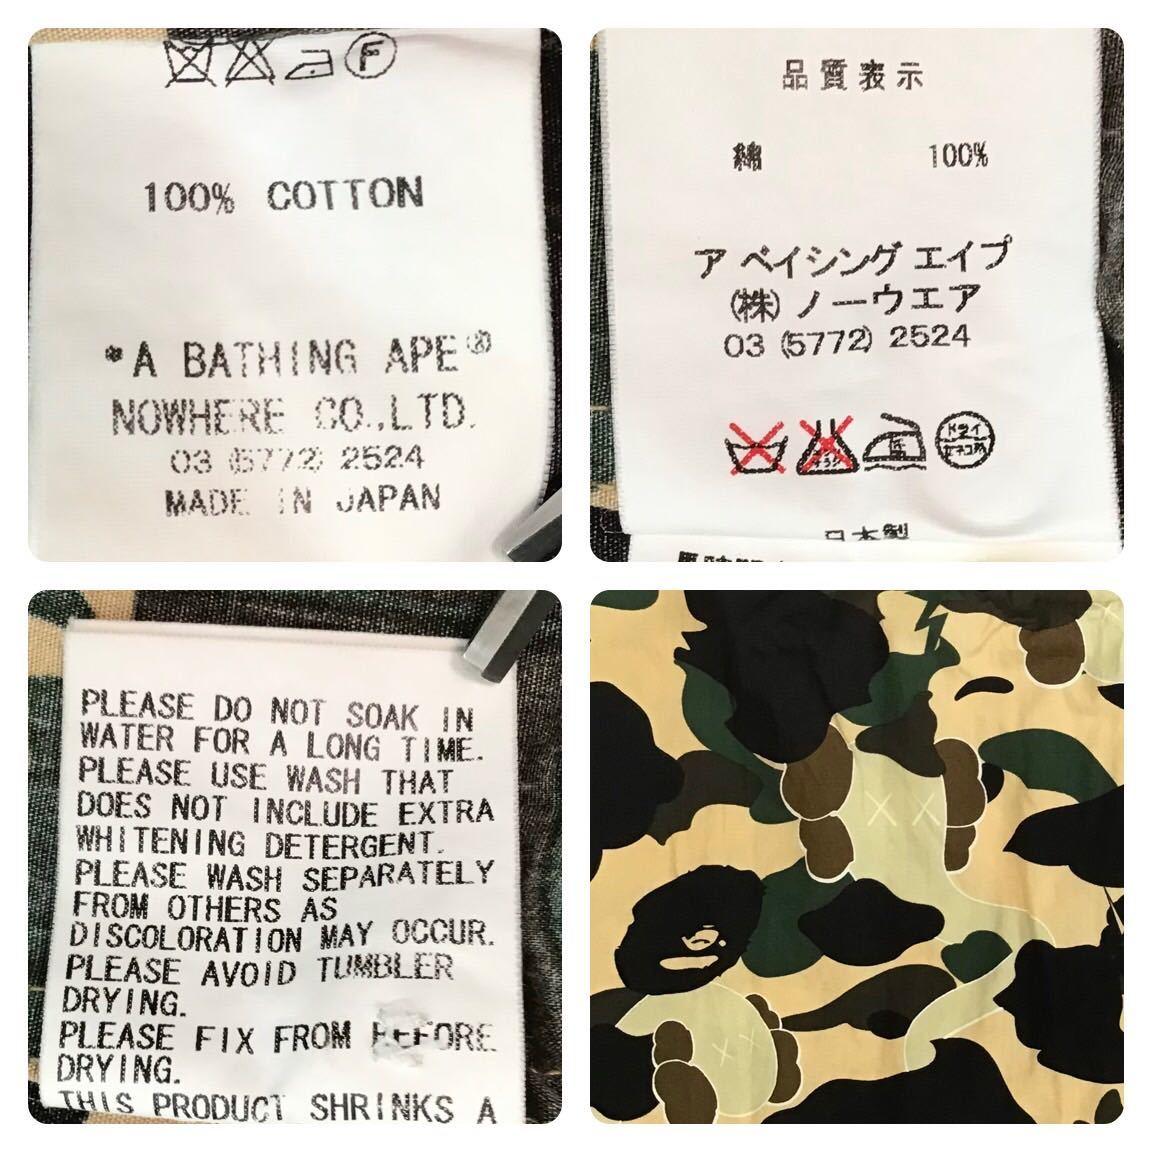 ★激レア★ kaws bendy 1st camo yellow 半袖シャツ Mサイズ a bathing ape bape カウズ エイプ ベイプ アベイシングエイプ 迷彩 nigo 78v